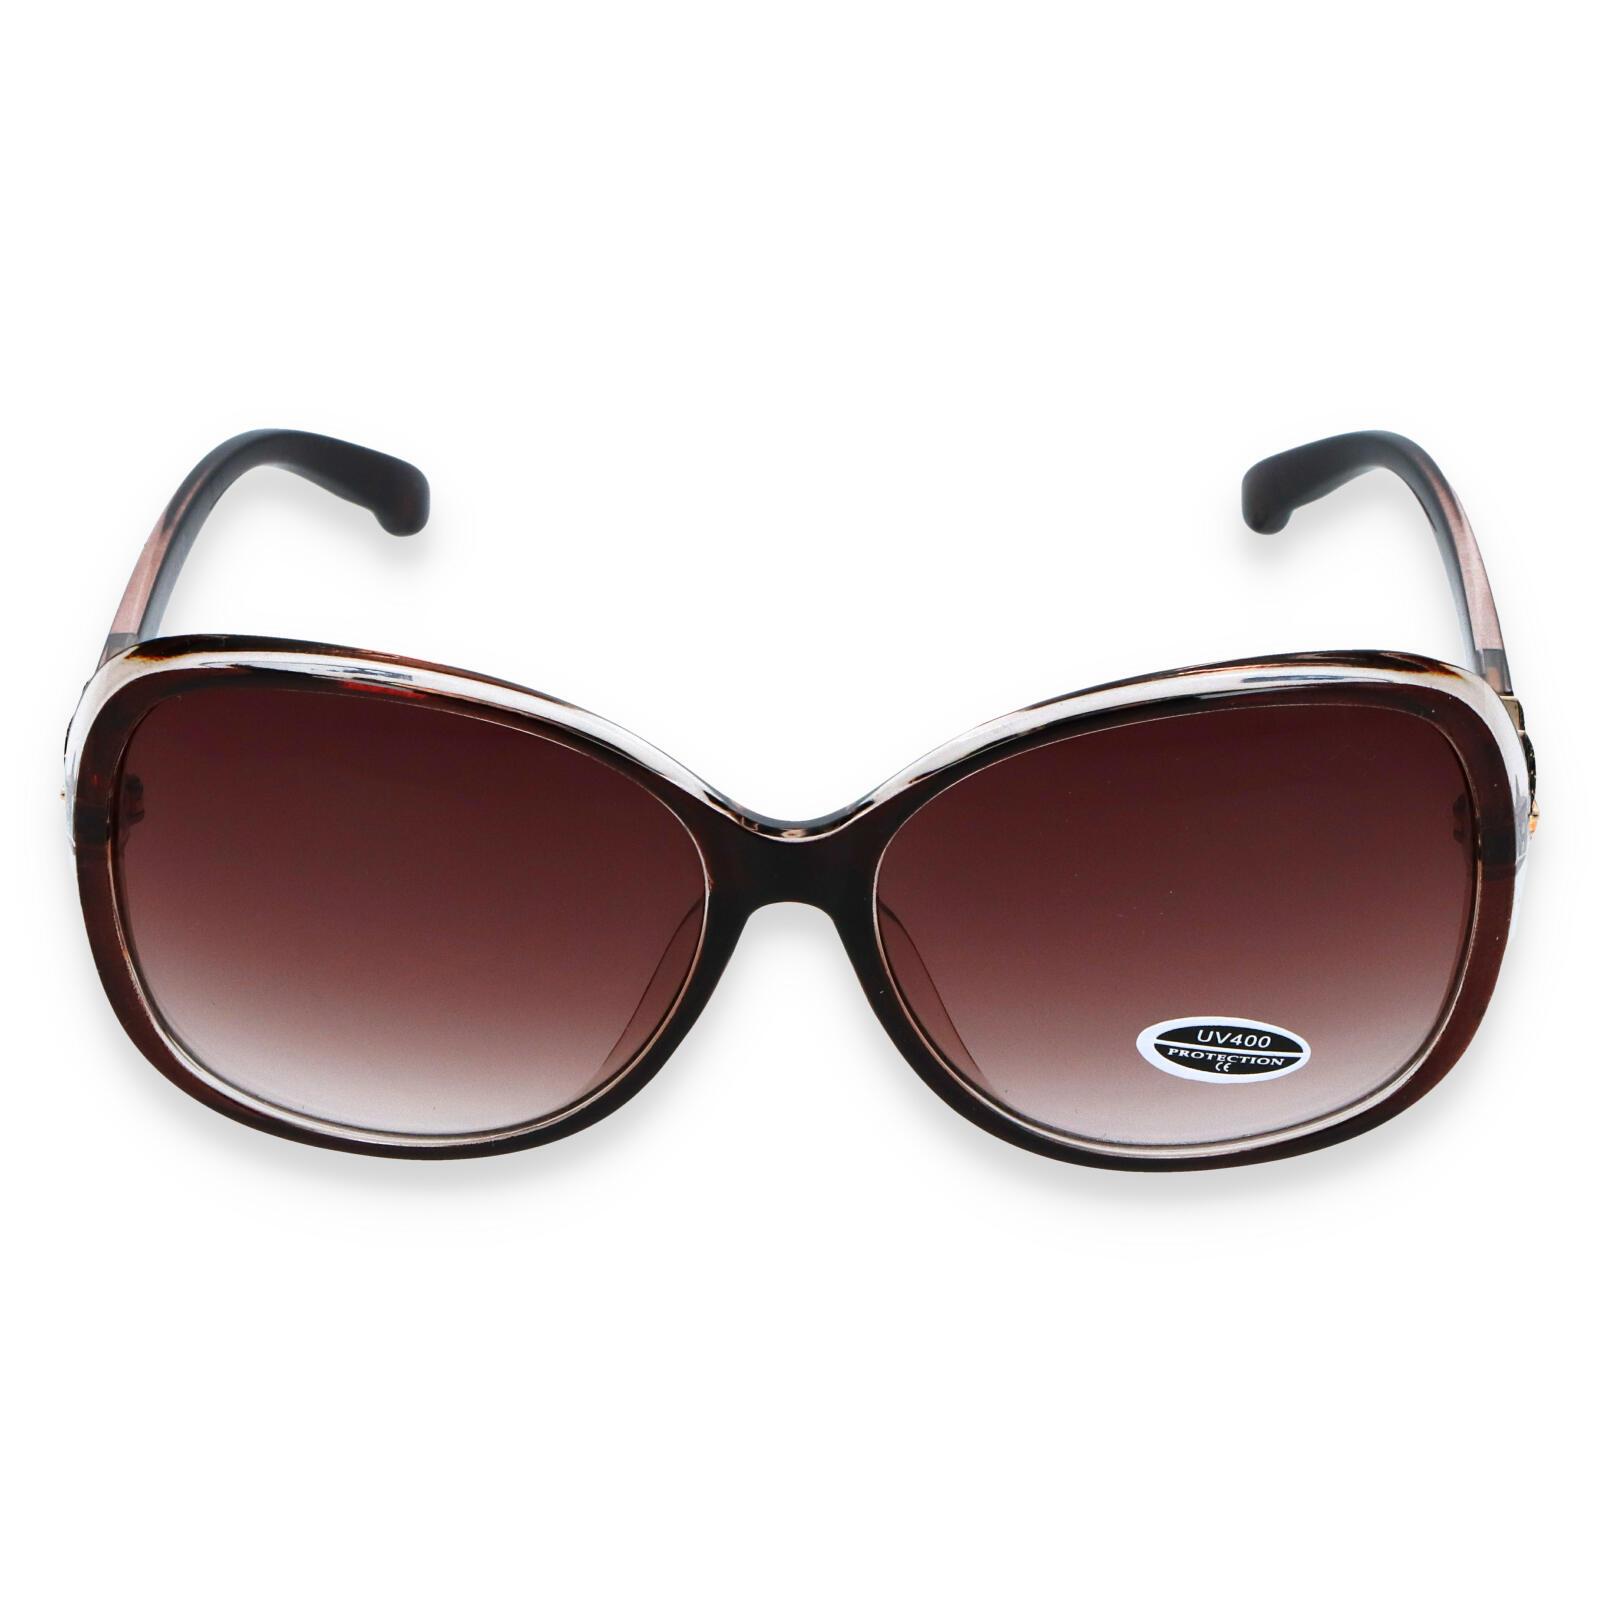 Dámske slnečné okuliare tmavohnedé - S3013